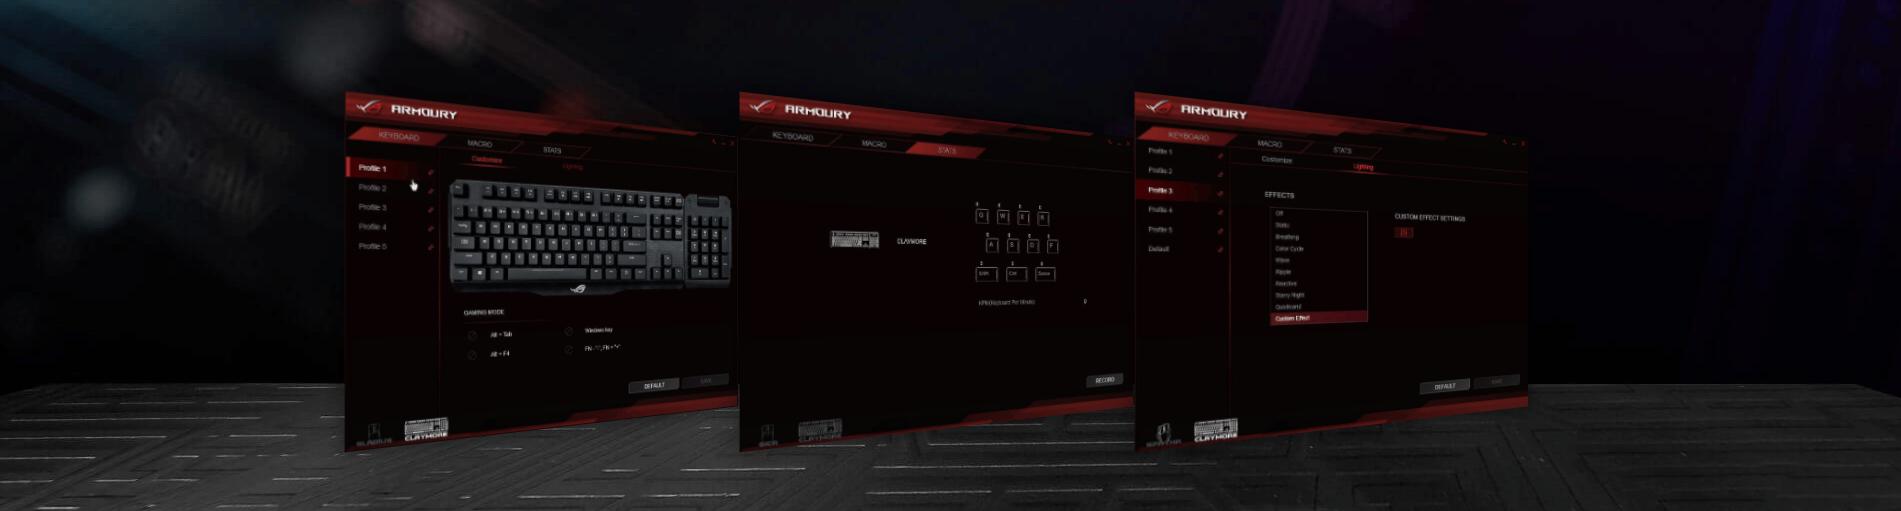 Bàn phím cơ Asus ROG Claymore Core RGB Aura Sync Cherry Blue switch có khả năng tuỳ chỉnh cá nhân cao